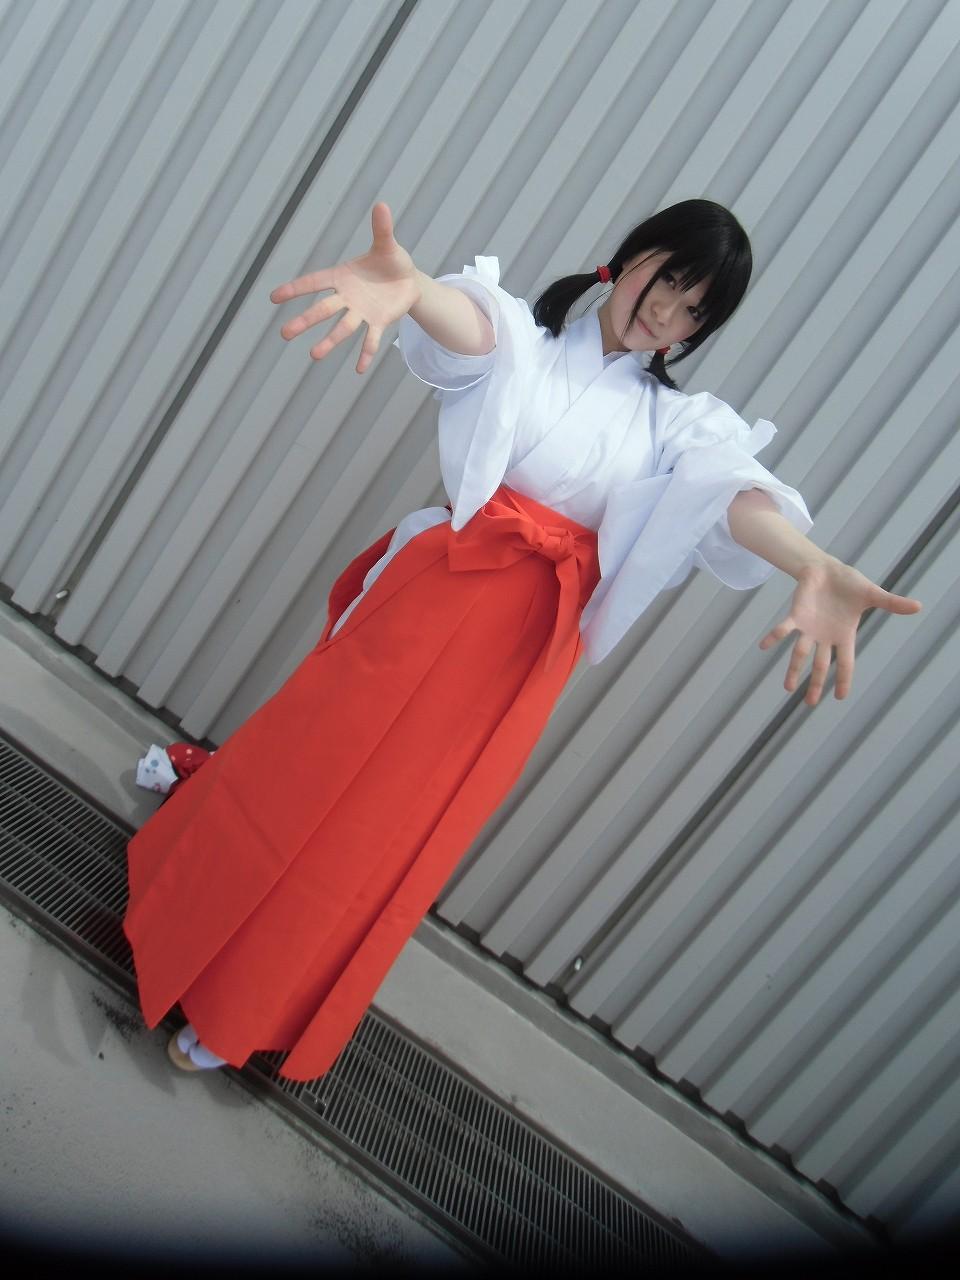 神代小蒔( 咲-Saki- ) C86 コミケ コスプレ04